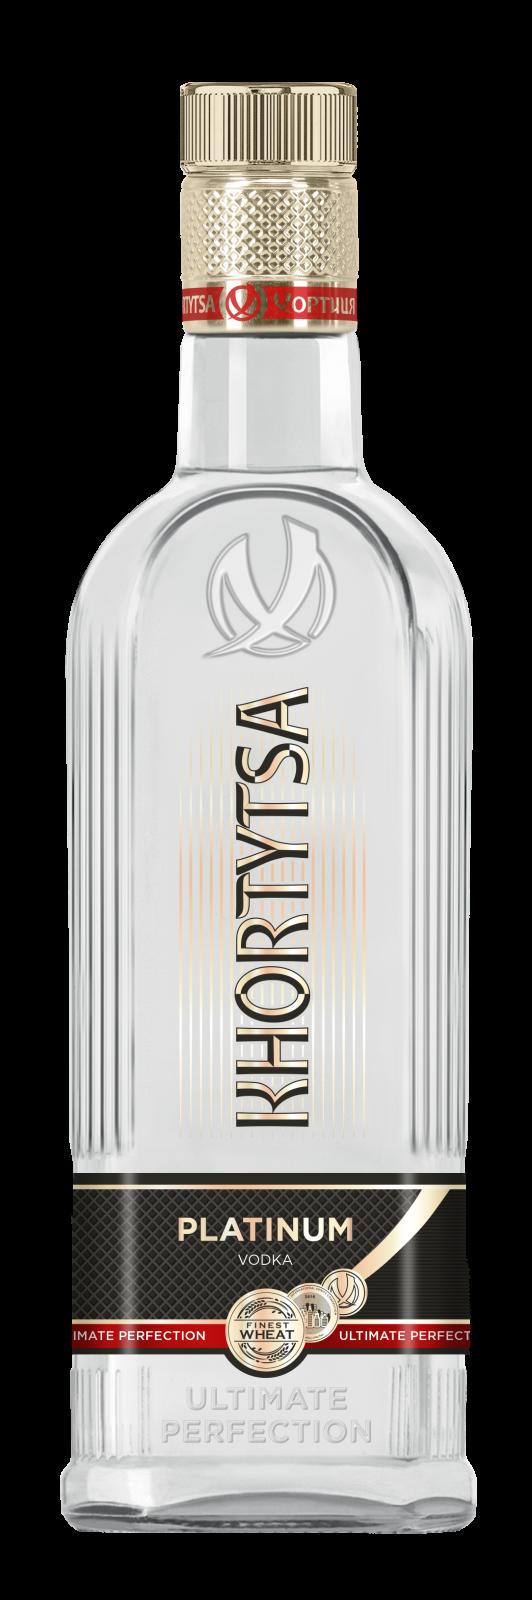 Chortica Platinum